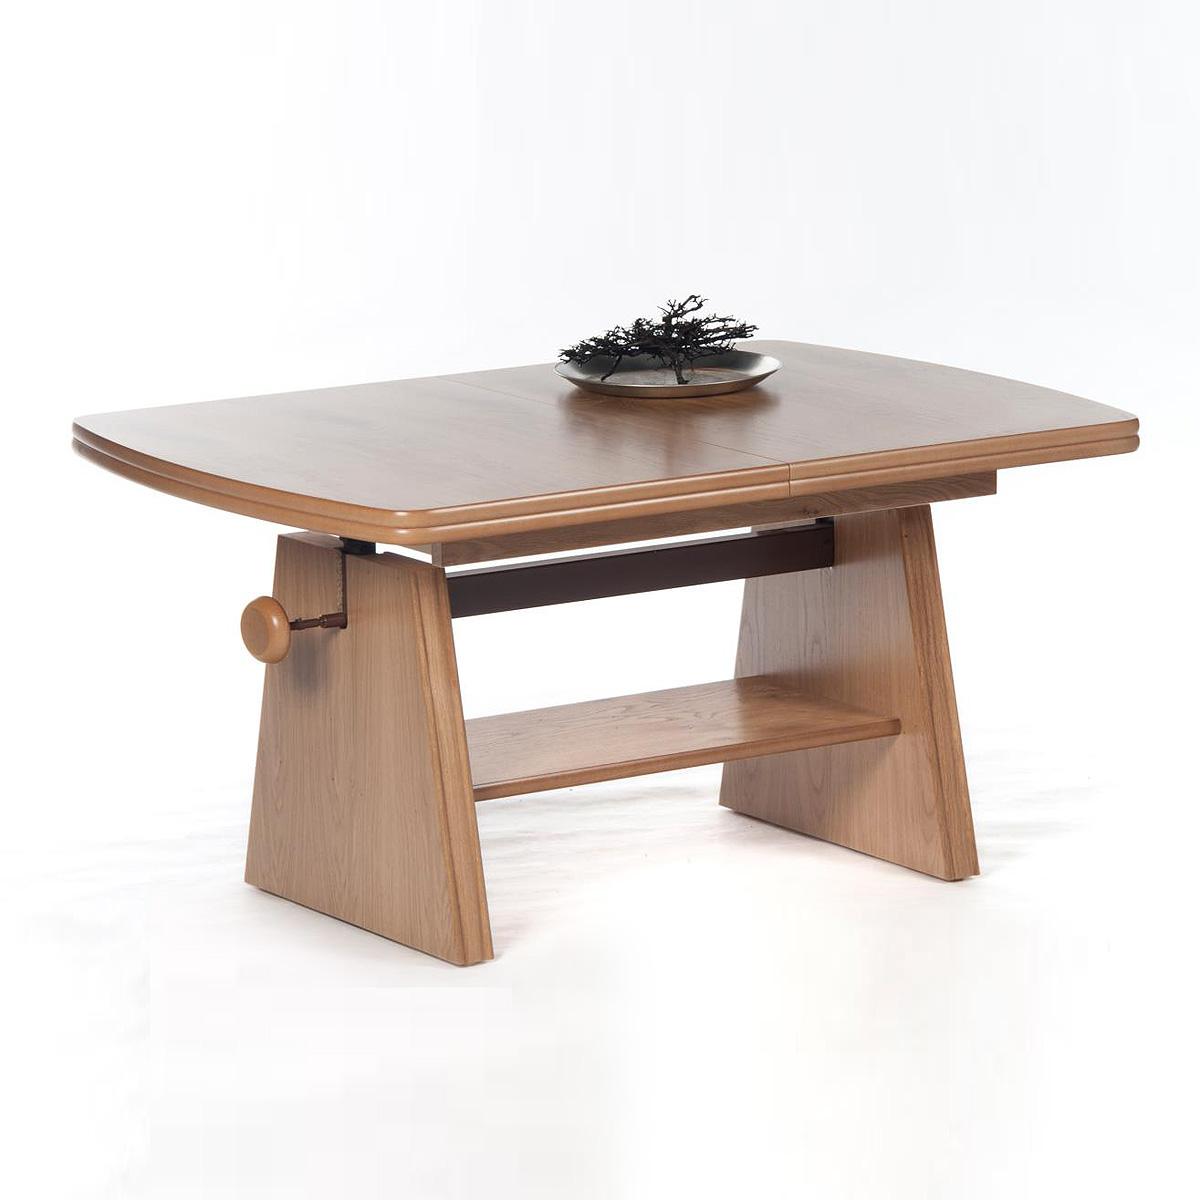 massivholz kernbuche couchtisch stubentisch beistelltisch glastisch tavolino iv ebay. Black Bedroom Furniture Sets. Home Design Ideas